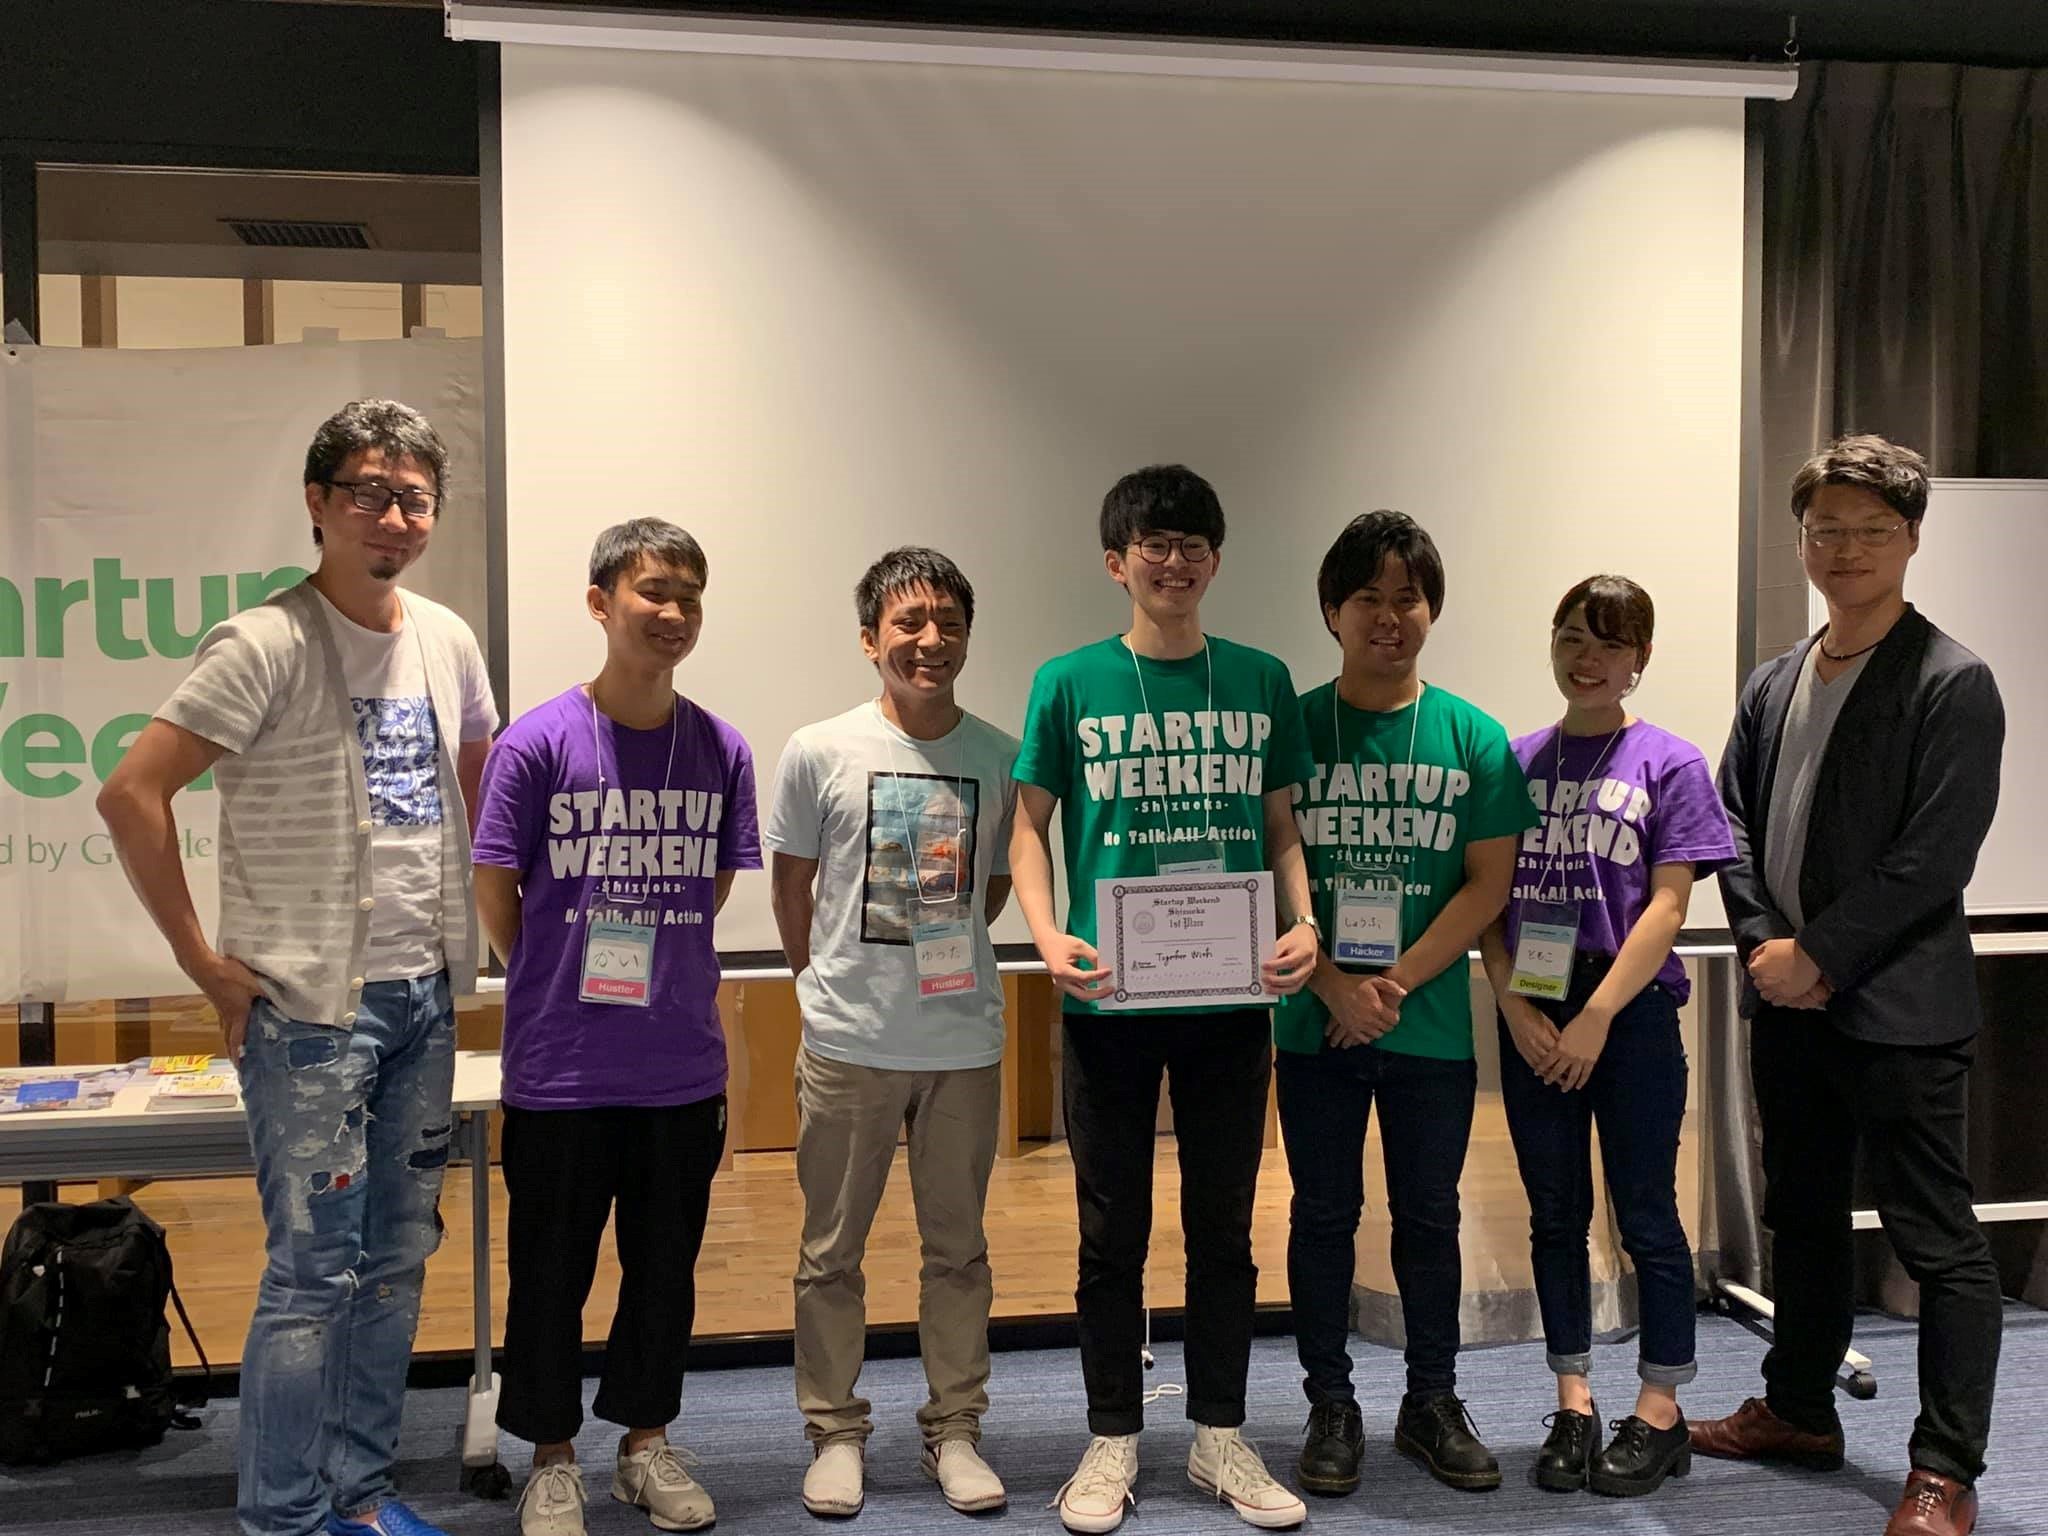 地方大学生が起業体験イベントに参加してきた話~Startup Weekend 静岡01開催レポート~